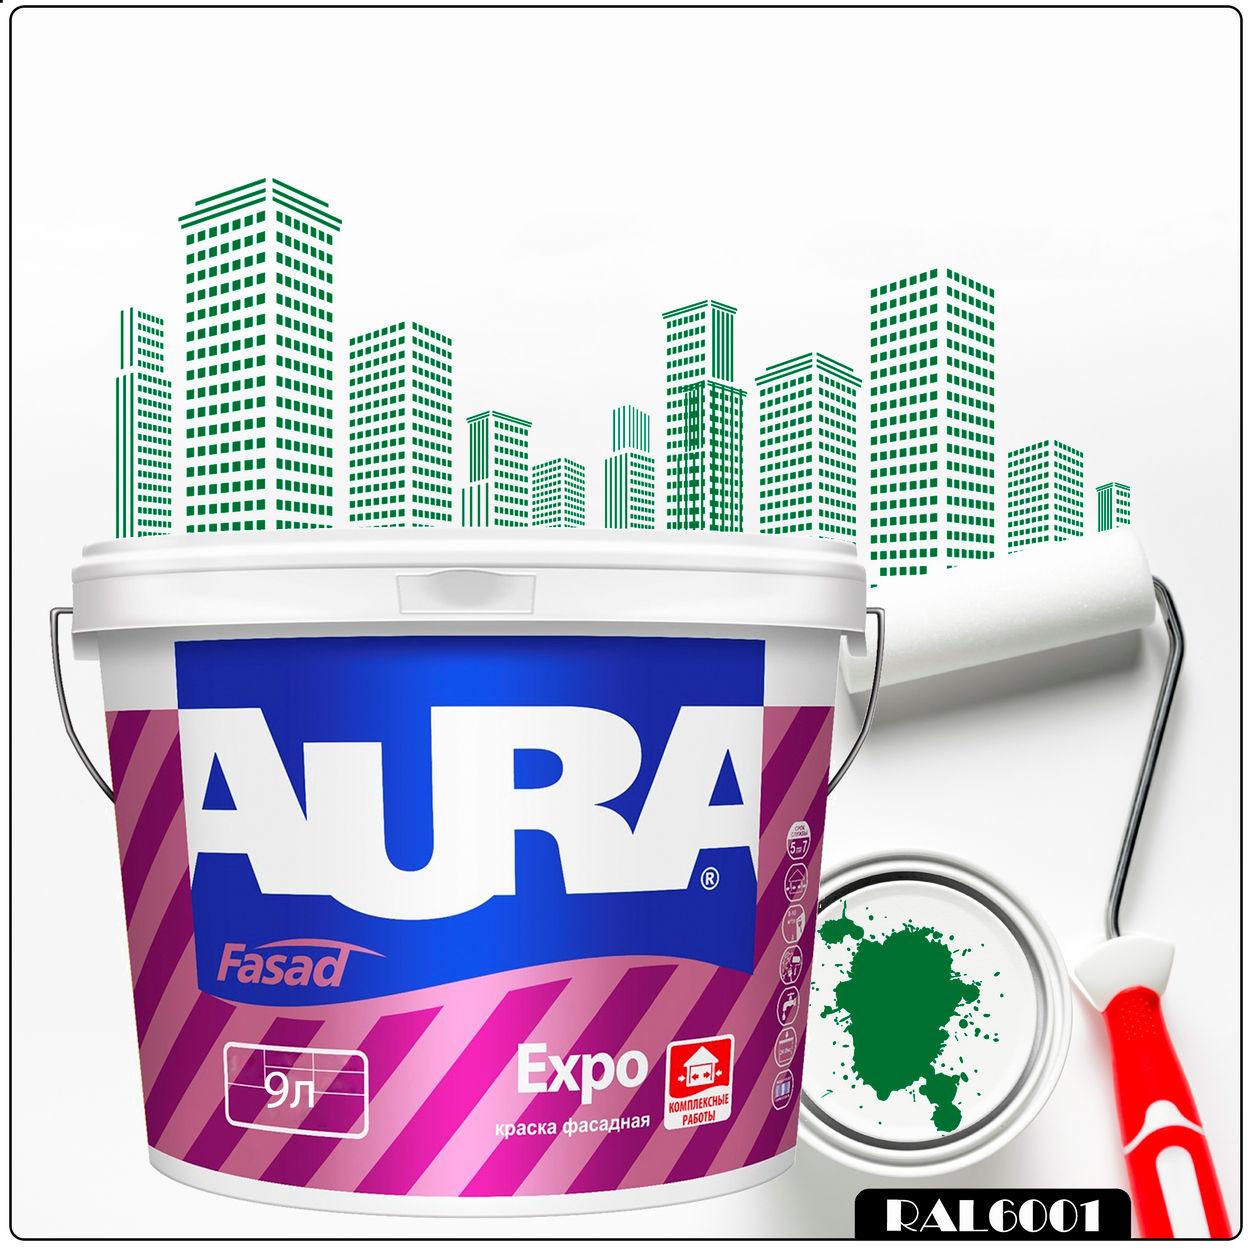 Фото 2 - Краска Aura Fasad Expo, RAL 6001 Зеленый-изумруд, матовая, для фасадов и помещений с повышенной влажностью, 9л.